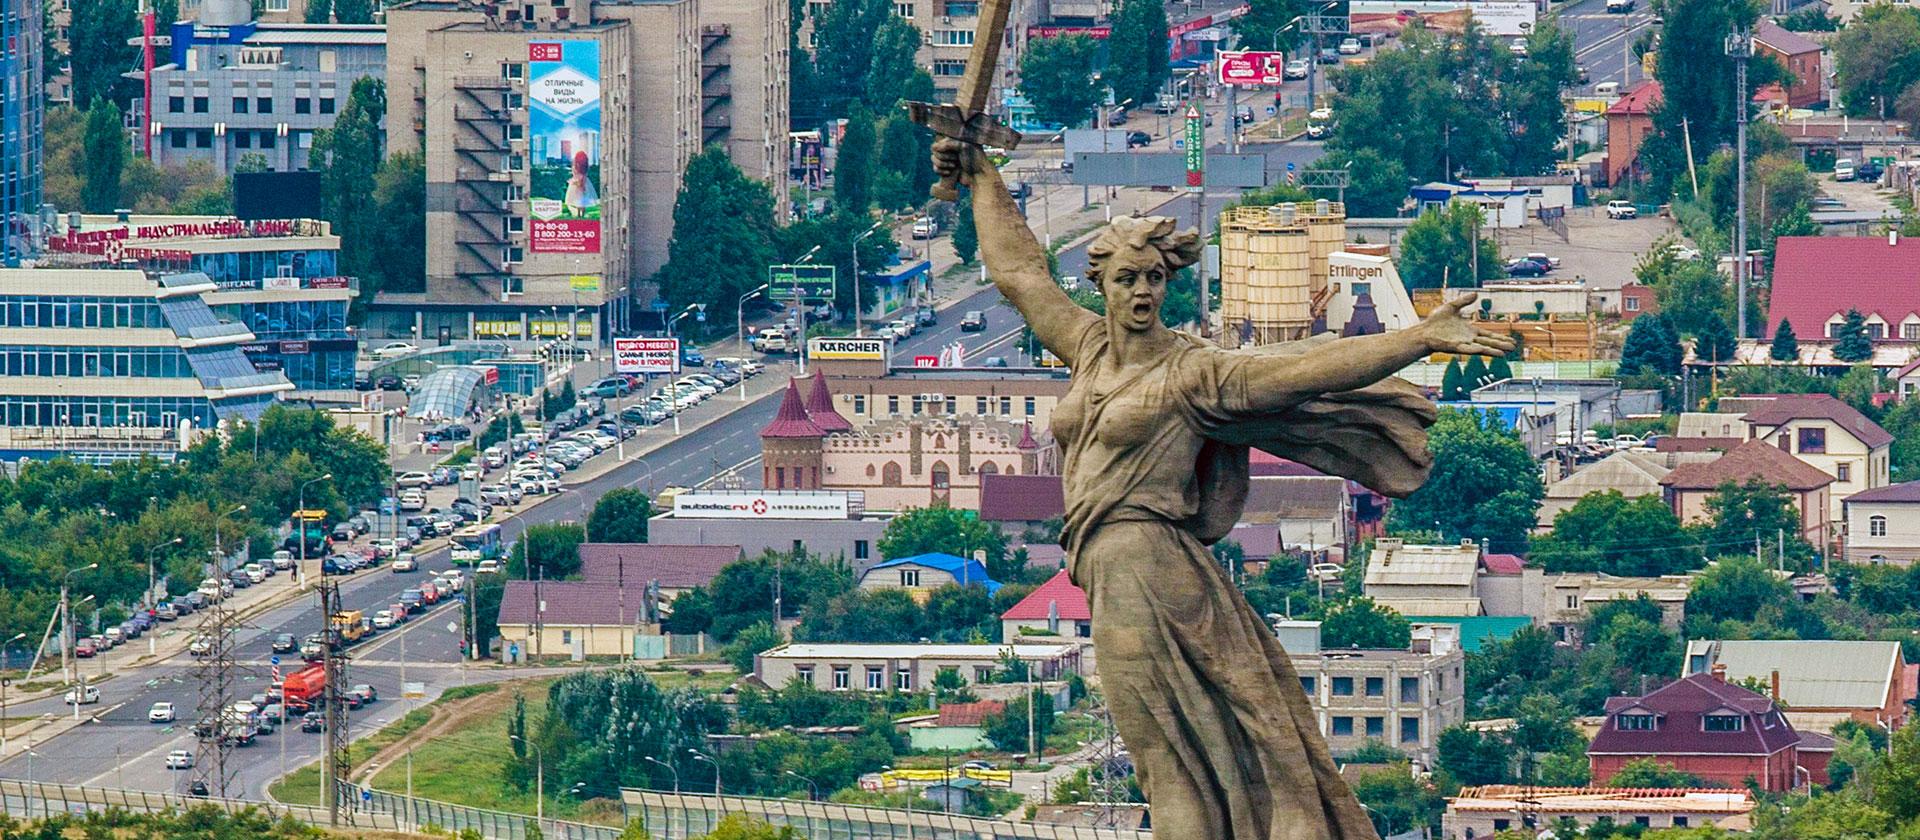 Мероприятия в Волгограде во время Чемпионата Мира по футболу 2018 в России